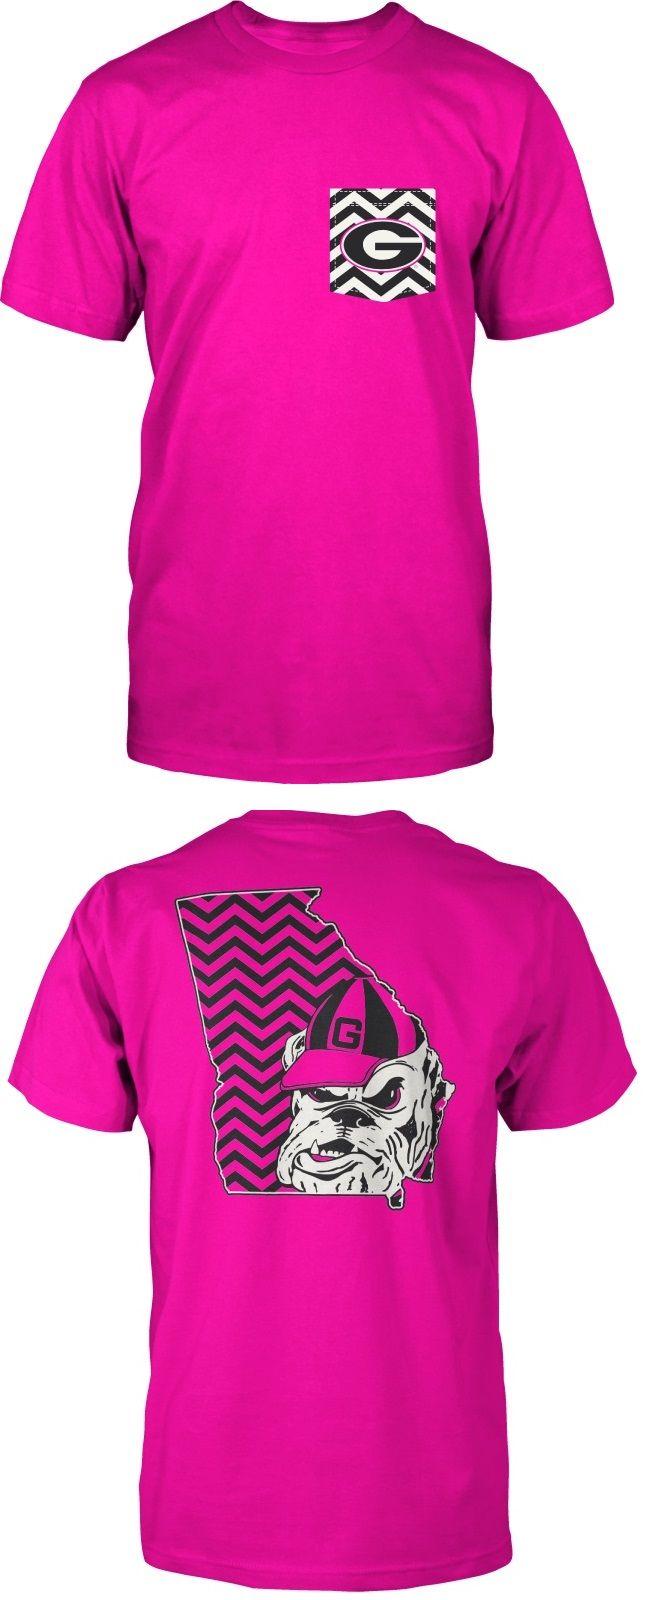 Neon Pink Georgia Bulldogs Chevron T-Shirt. So cute! // the chevron pocket looks weird but the back is cute